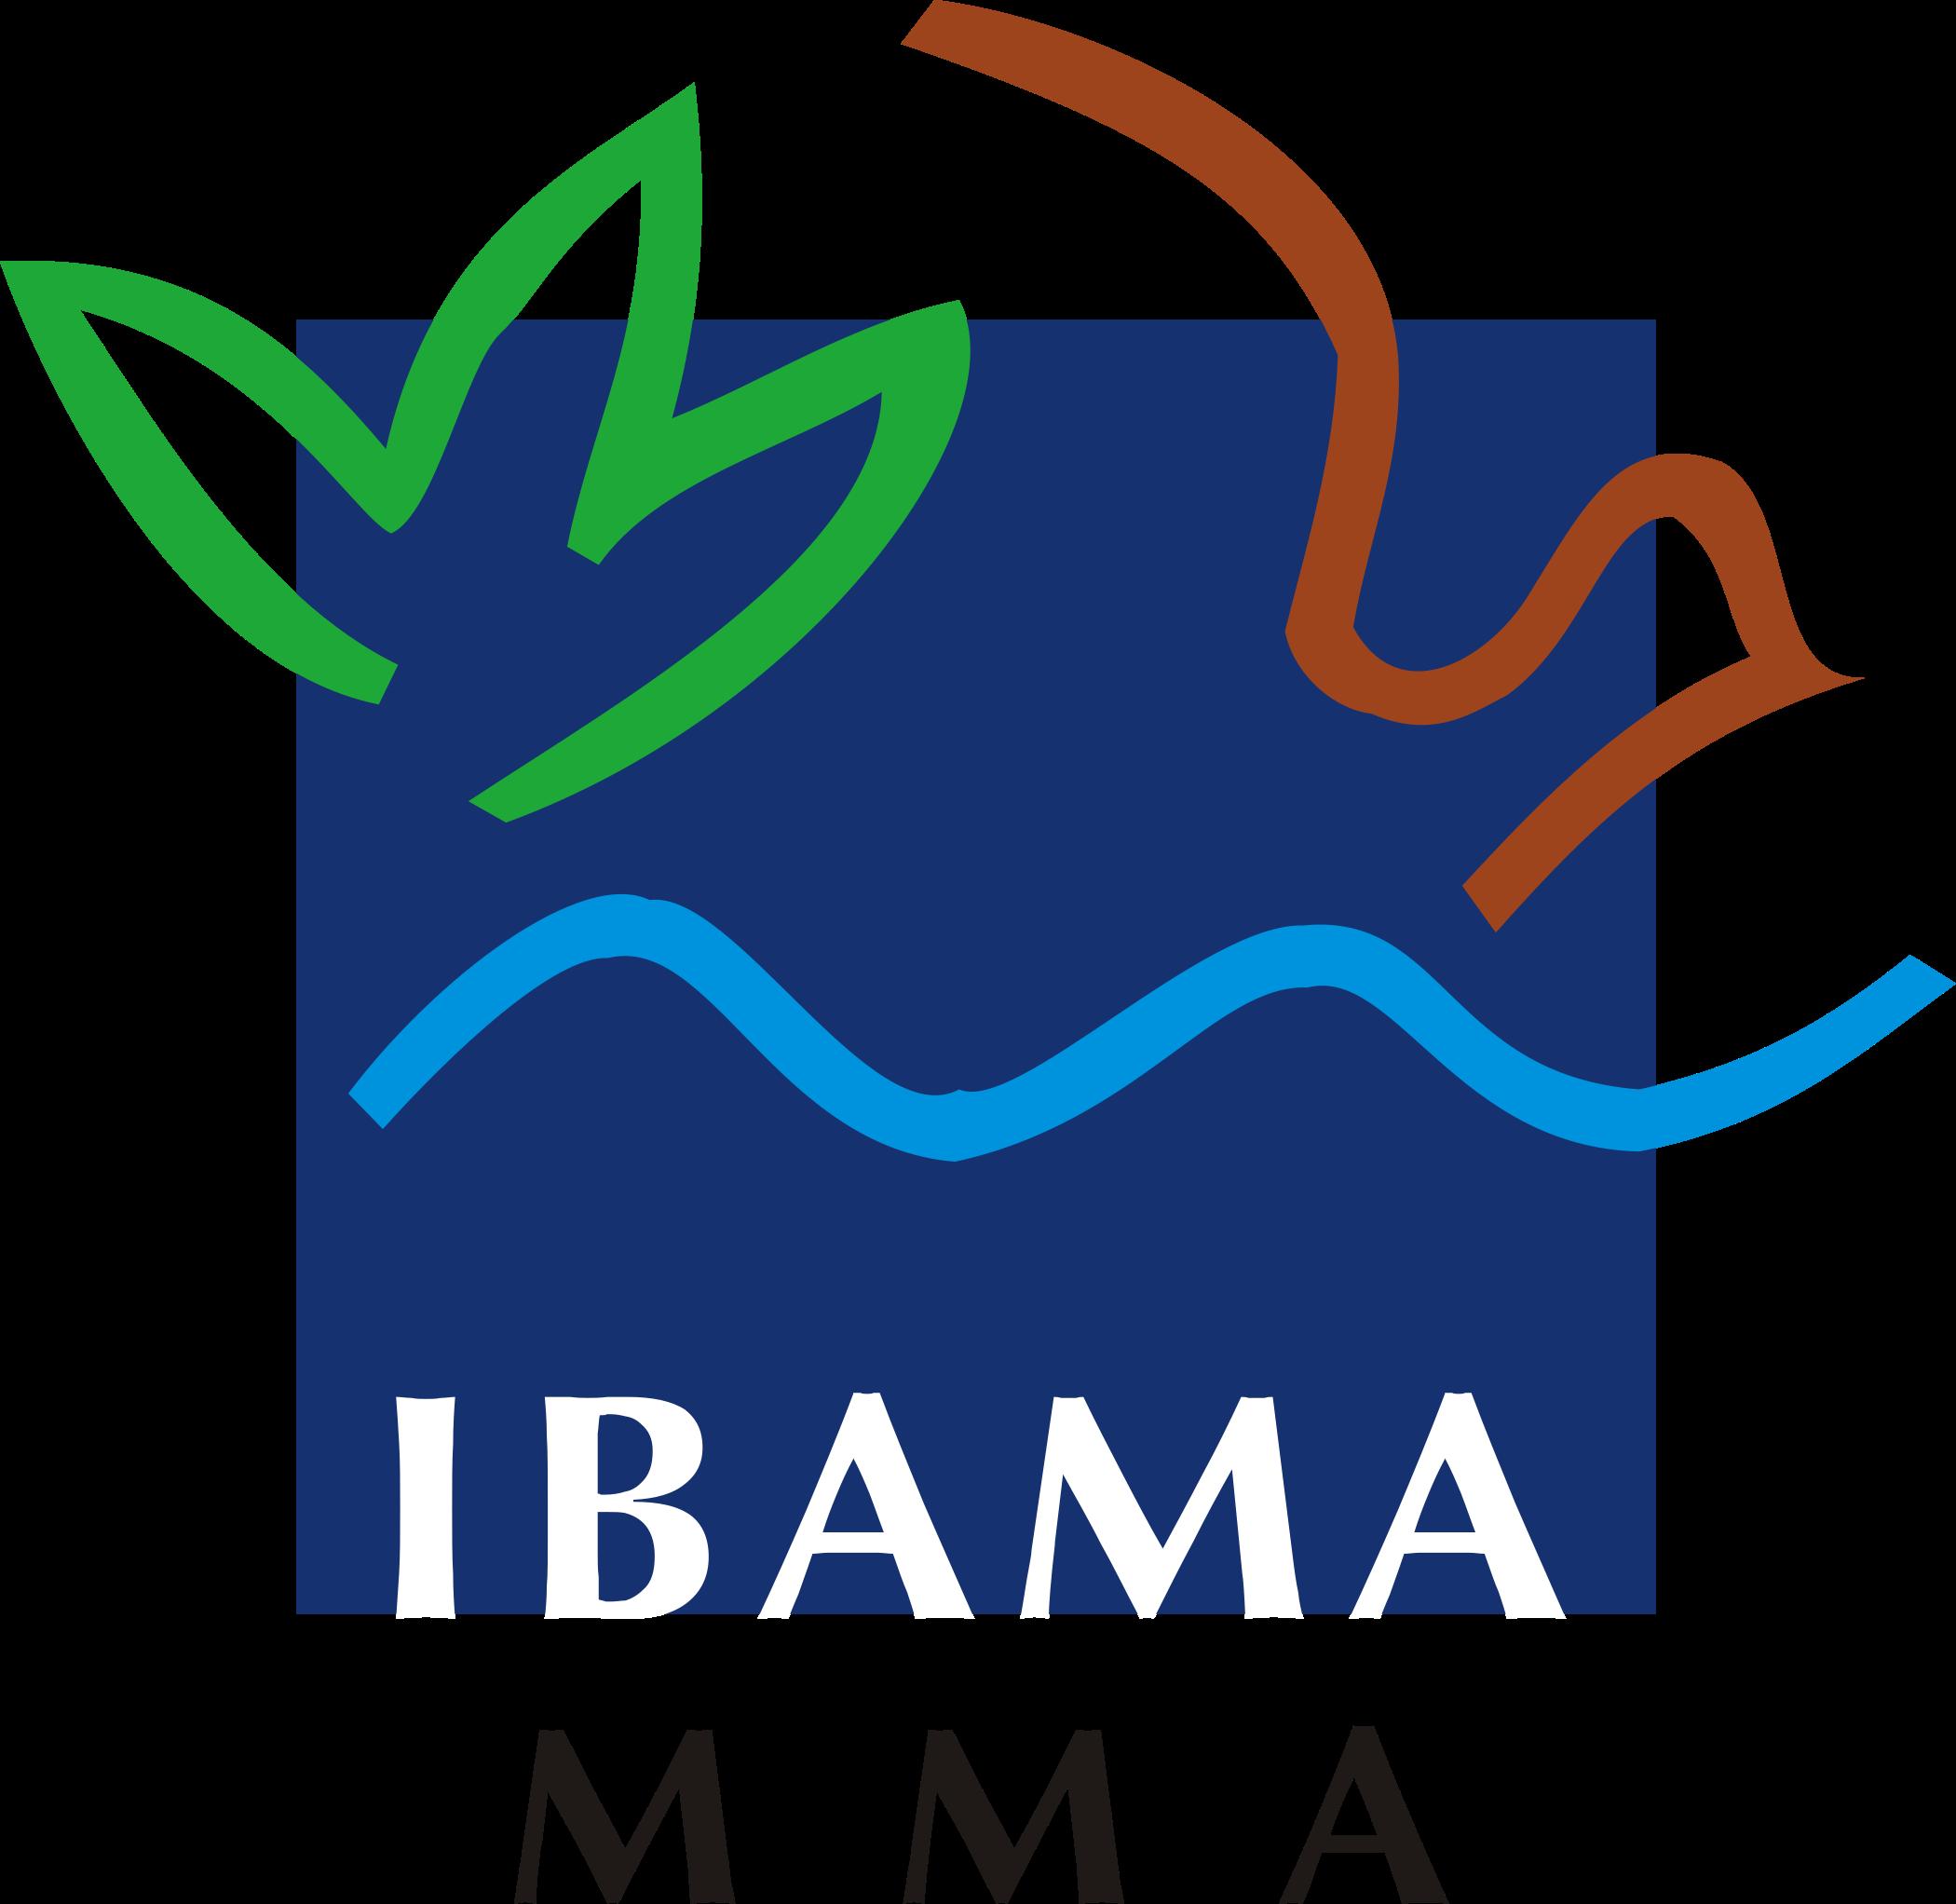 ibama-logo-1